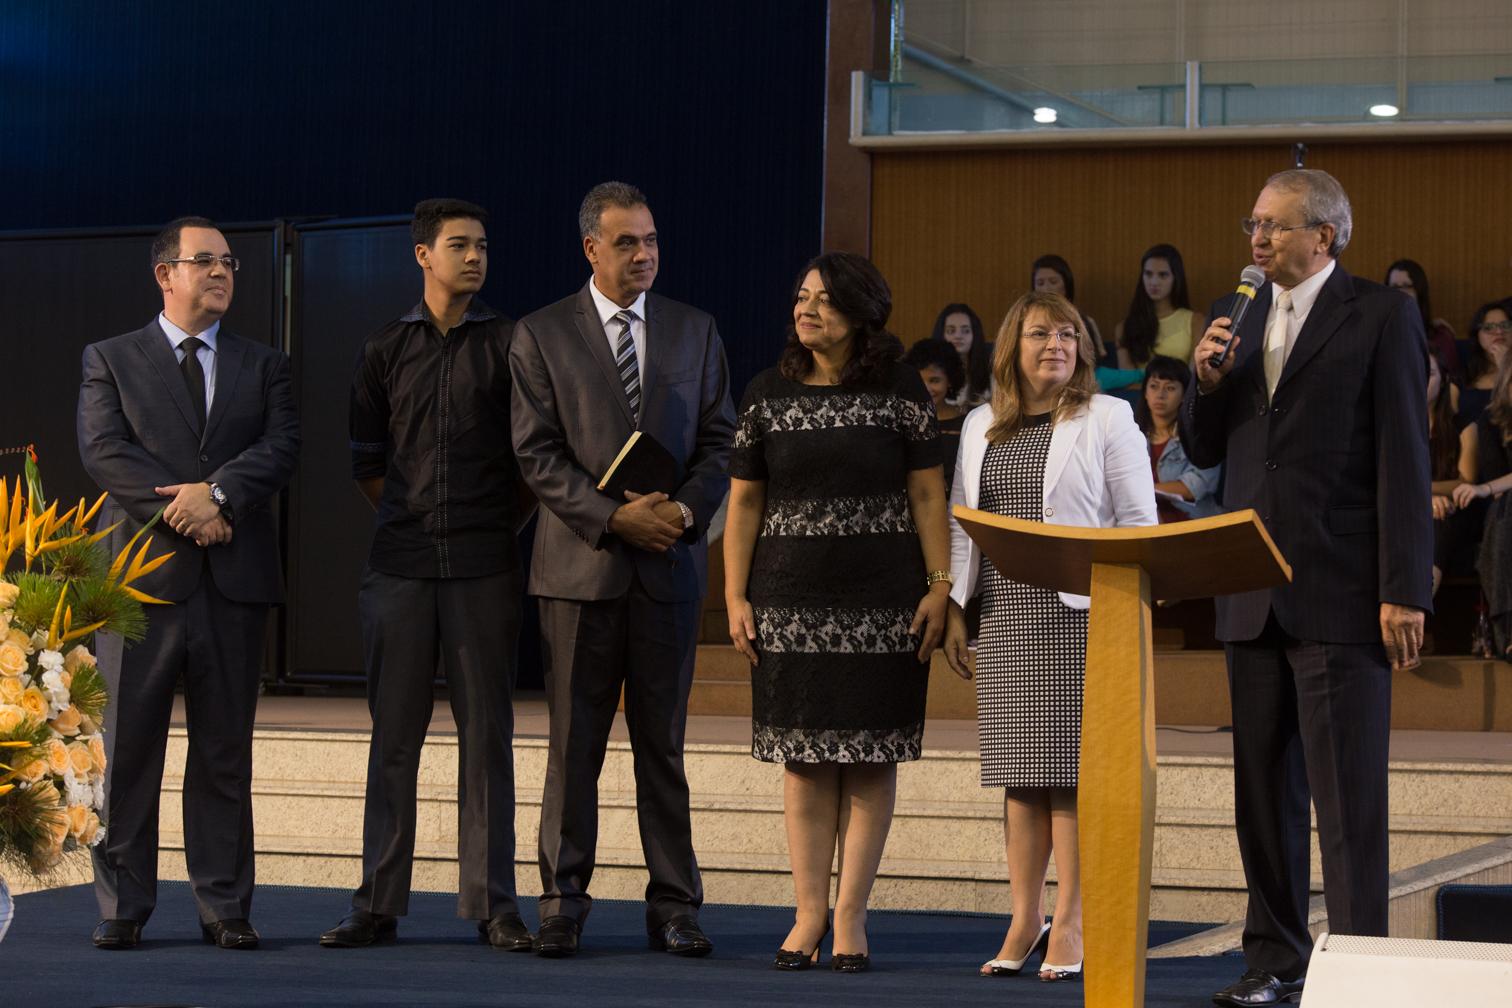 Família Maia é apresentada a comunidade do Unasp campus Hotolândia.